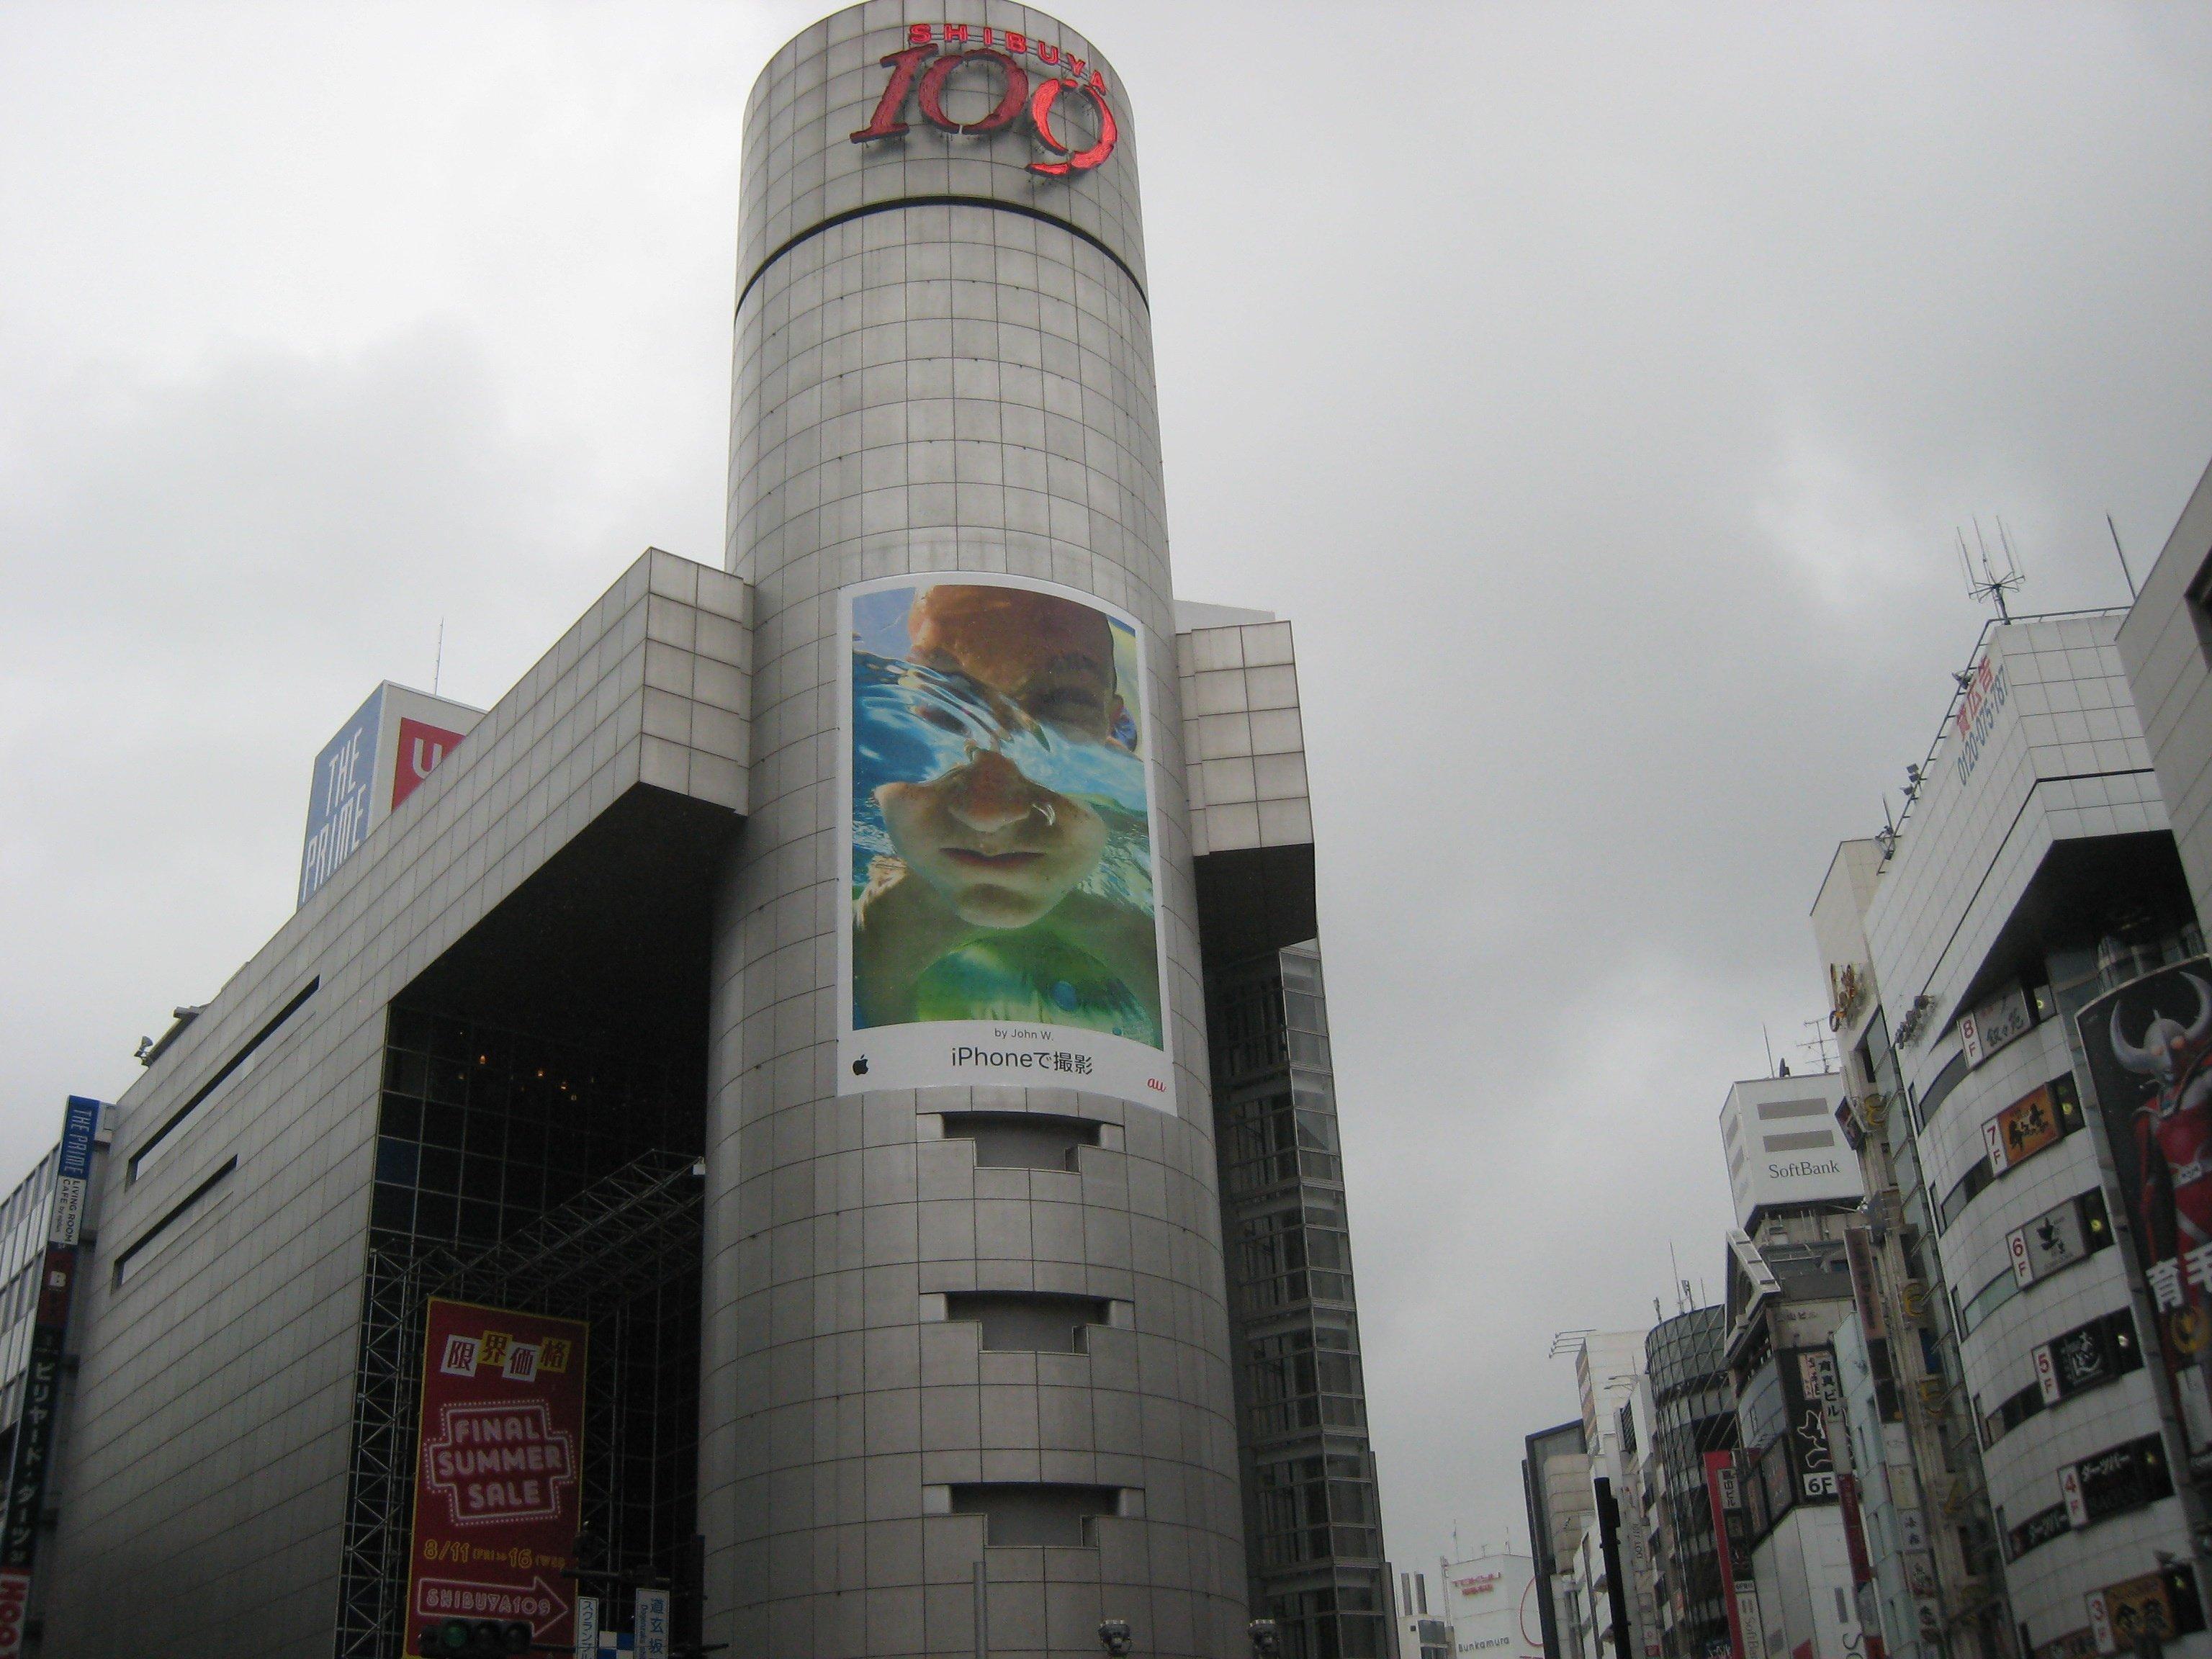 渋谷109シリンダー(KDDI株式会社 iphone).jpg